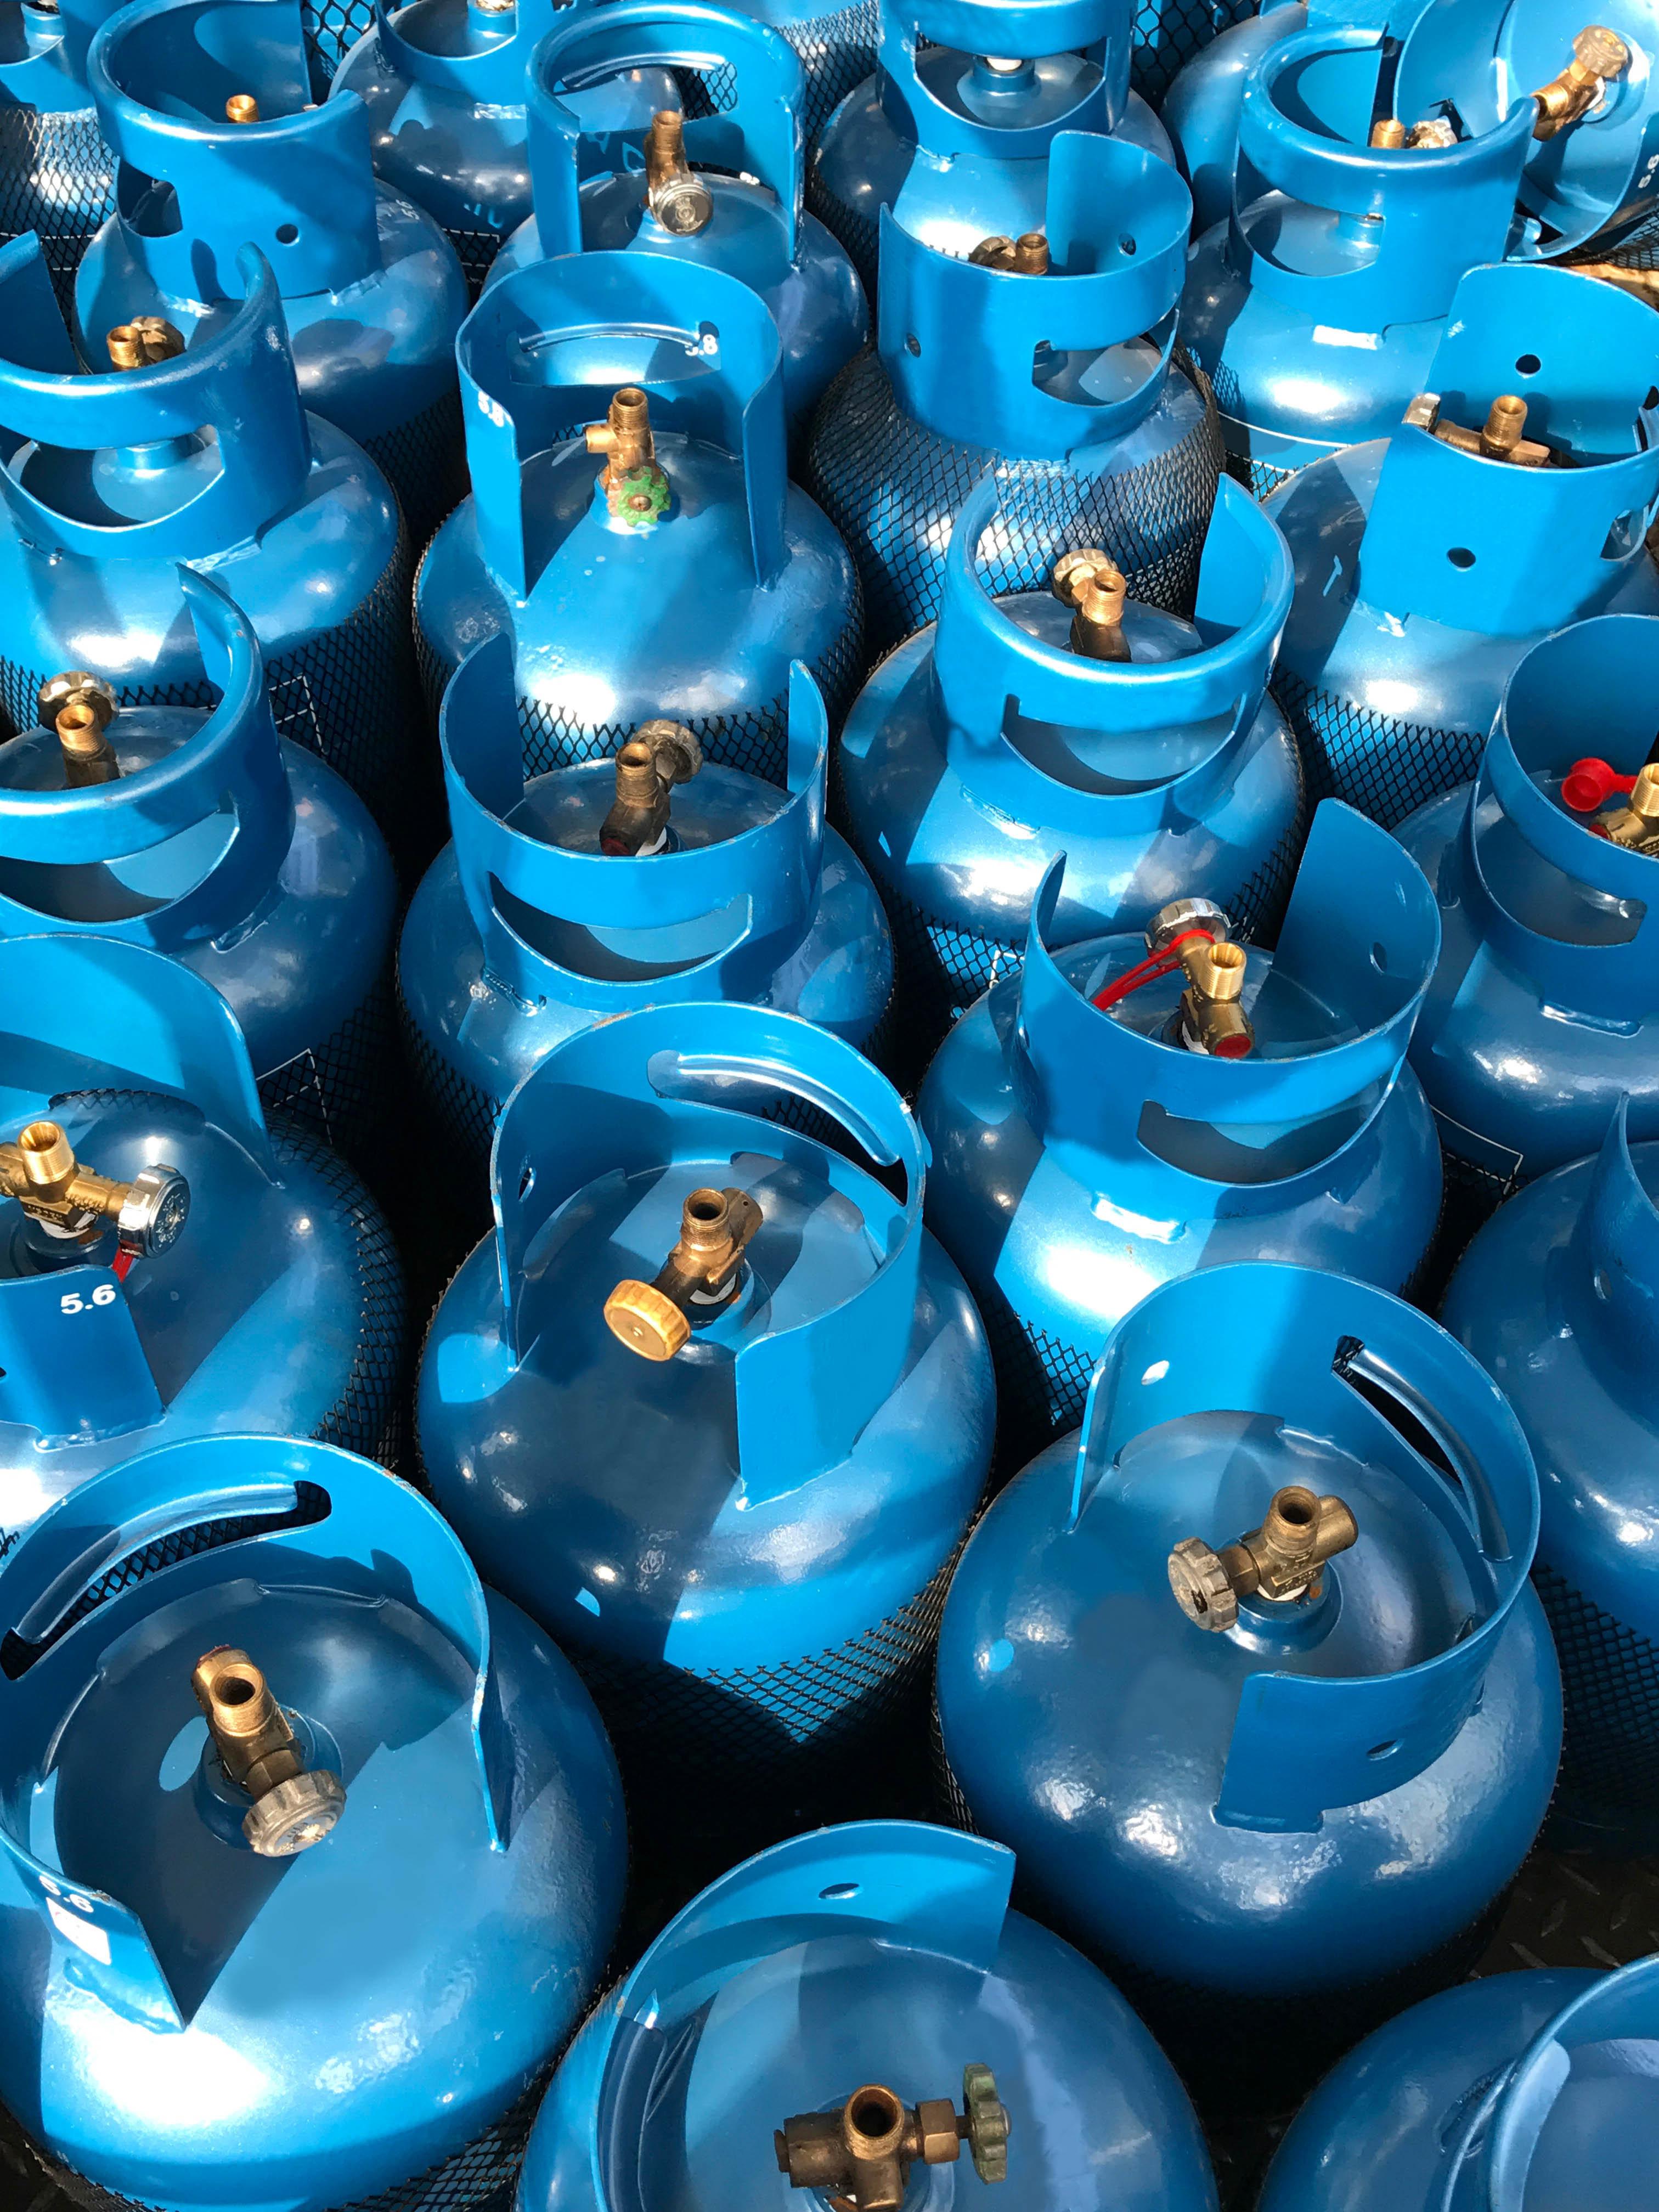 La distribution de gaz domestique en gros sera suspendue à partir du 17 décembre